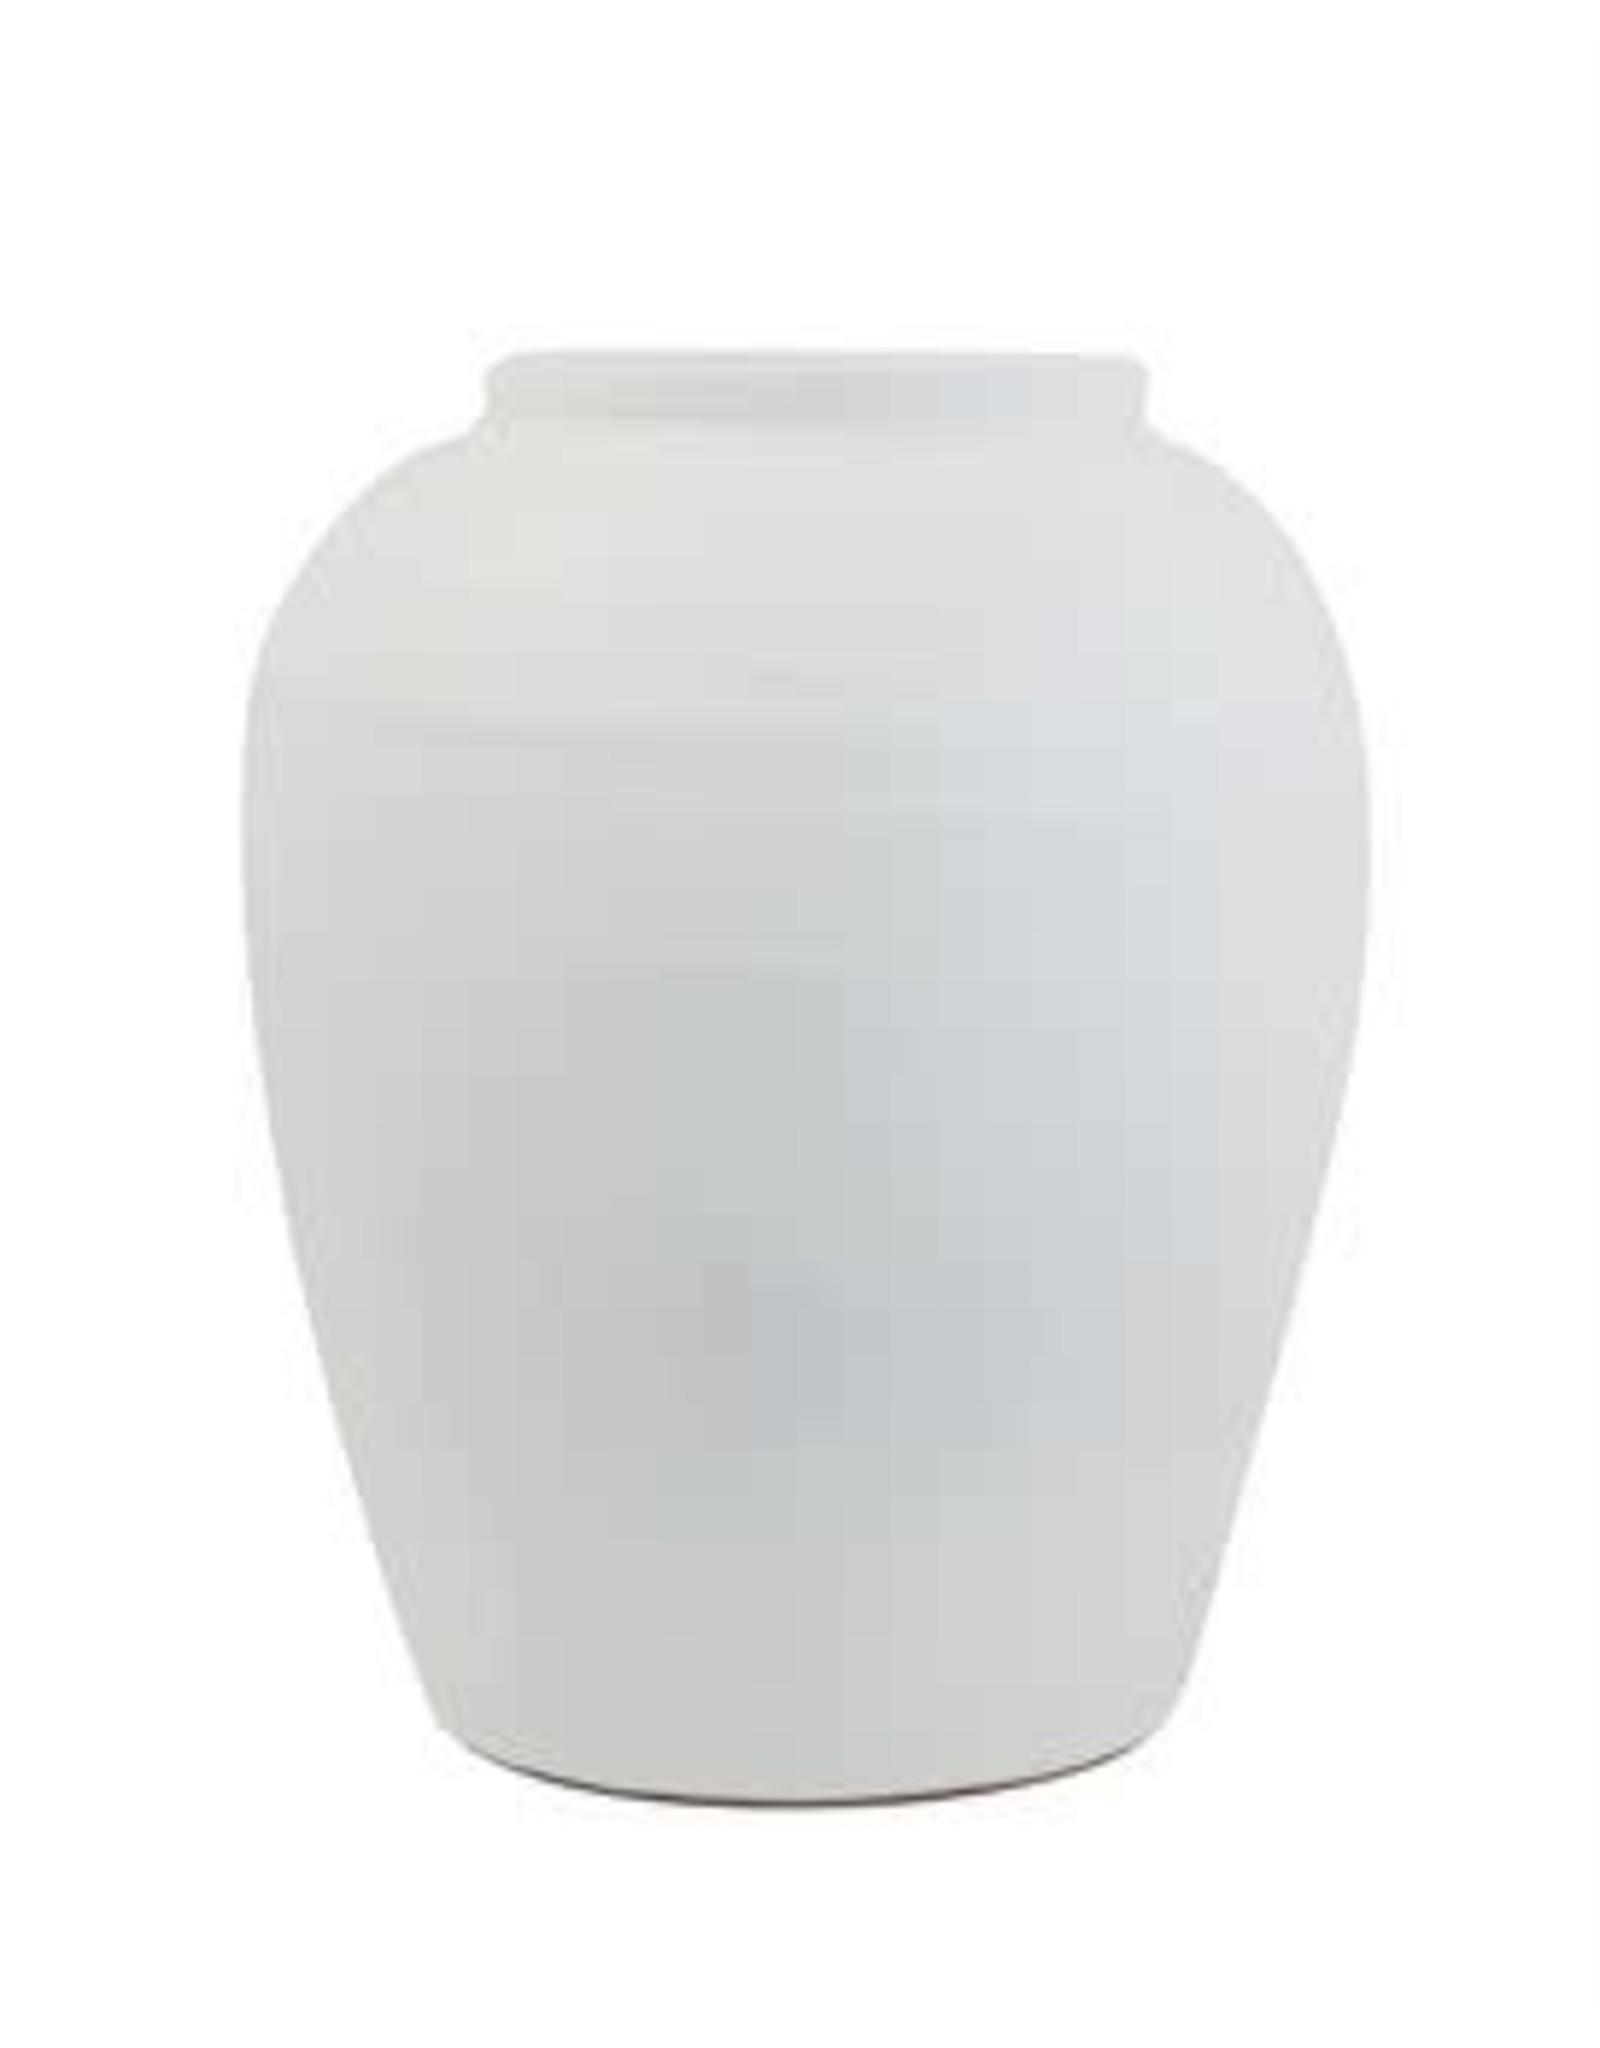 Terra-Cotta Planter, White